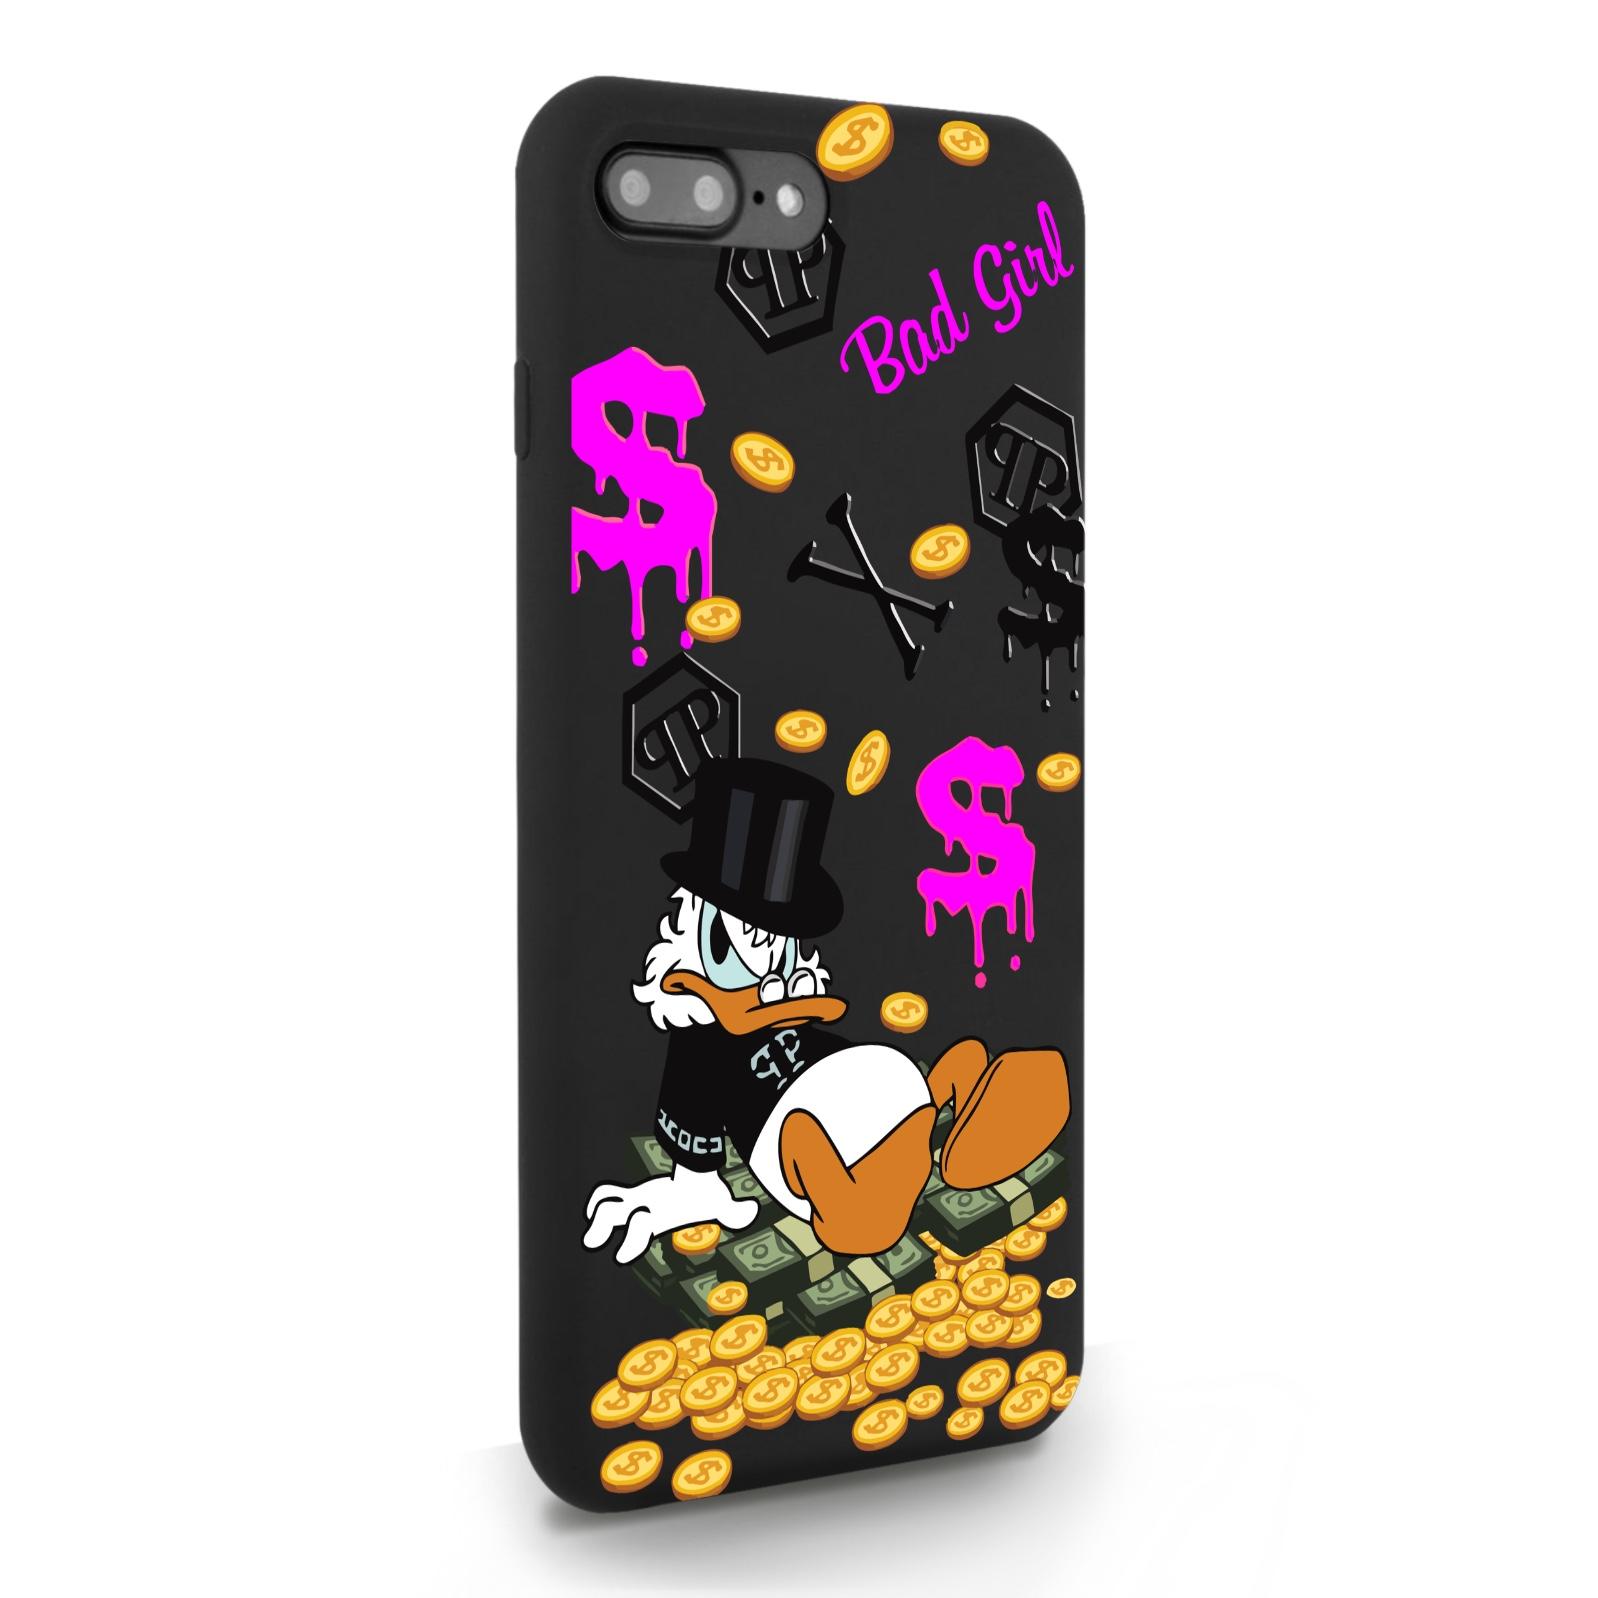 Черный силиконовый чехол для iPhone 7/8 Plus Богатая Утка Bad Girl для Айфон 7/8 Плюс